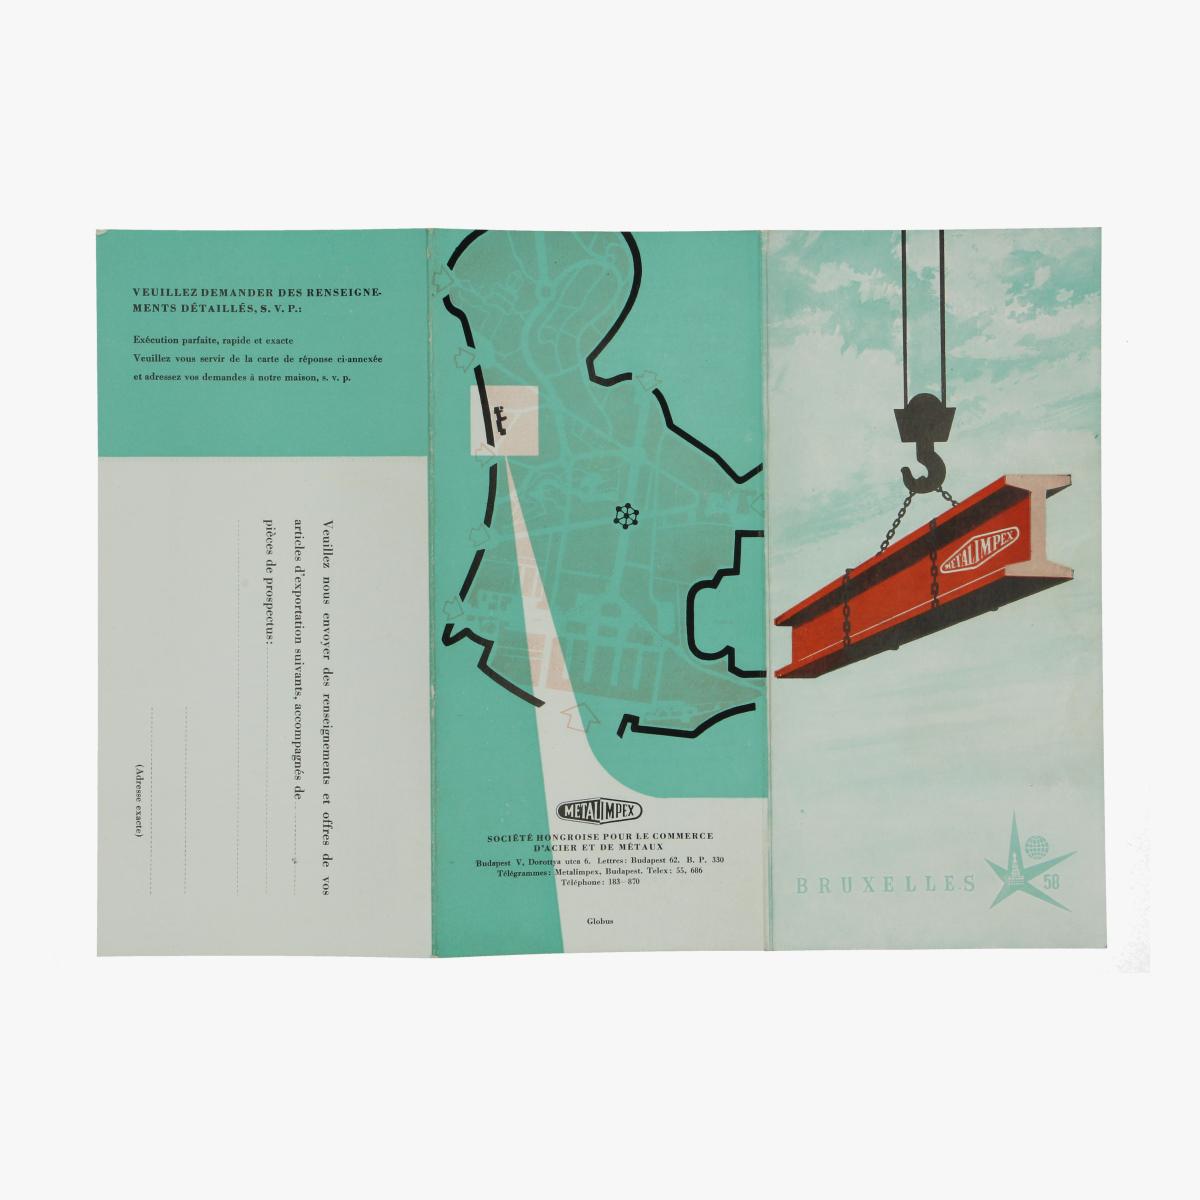 Afbeeldingen van expo 58 folder metal impex brussel